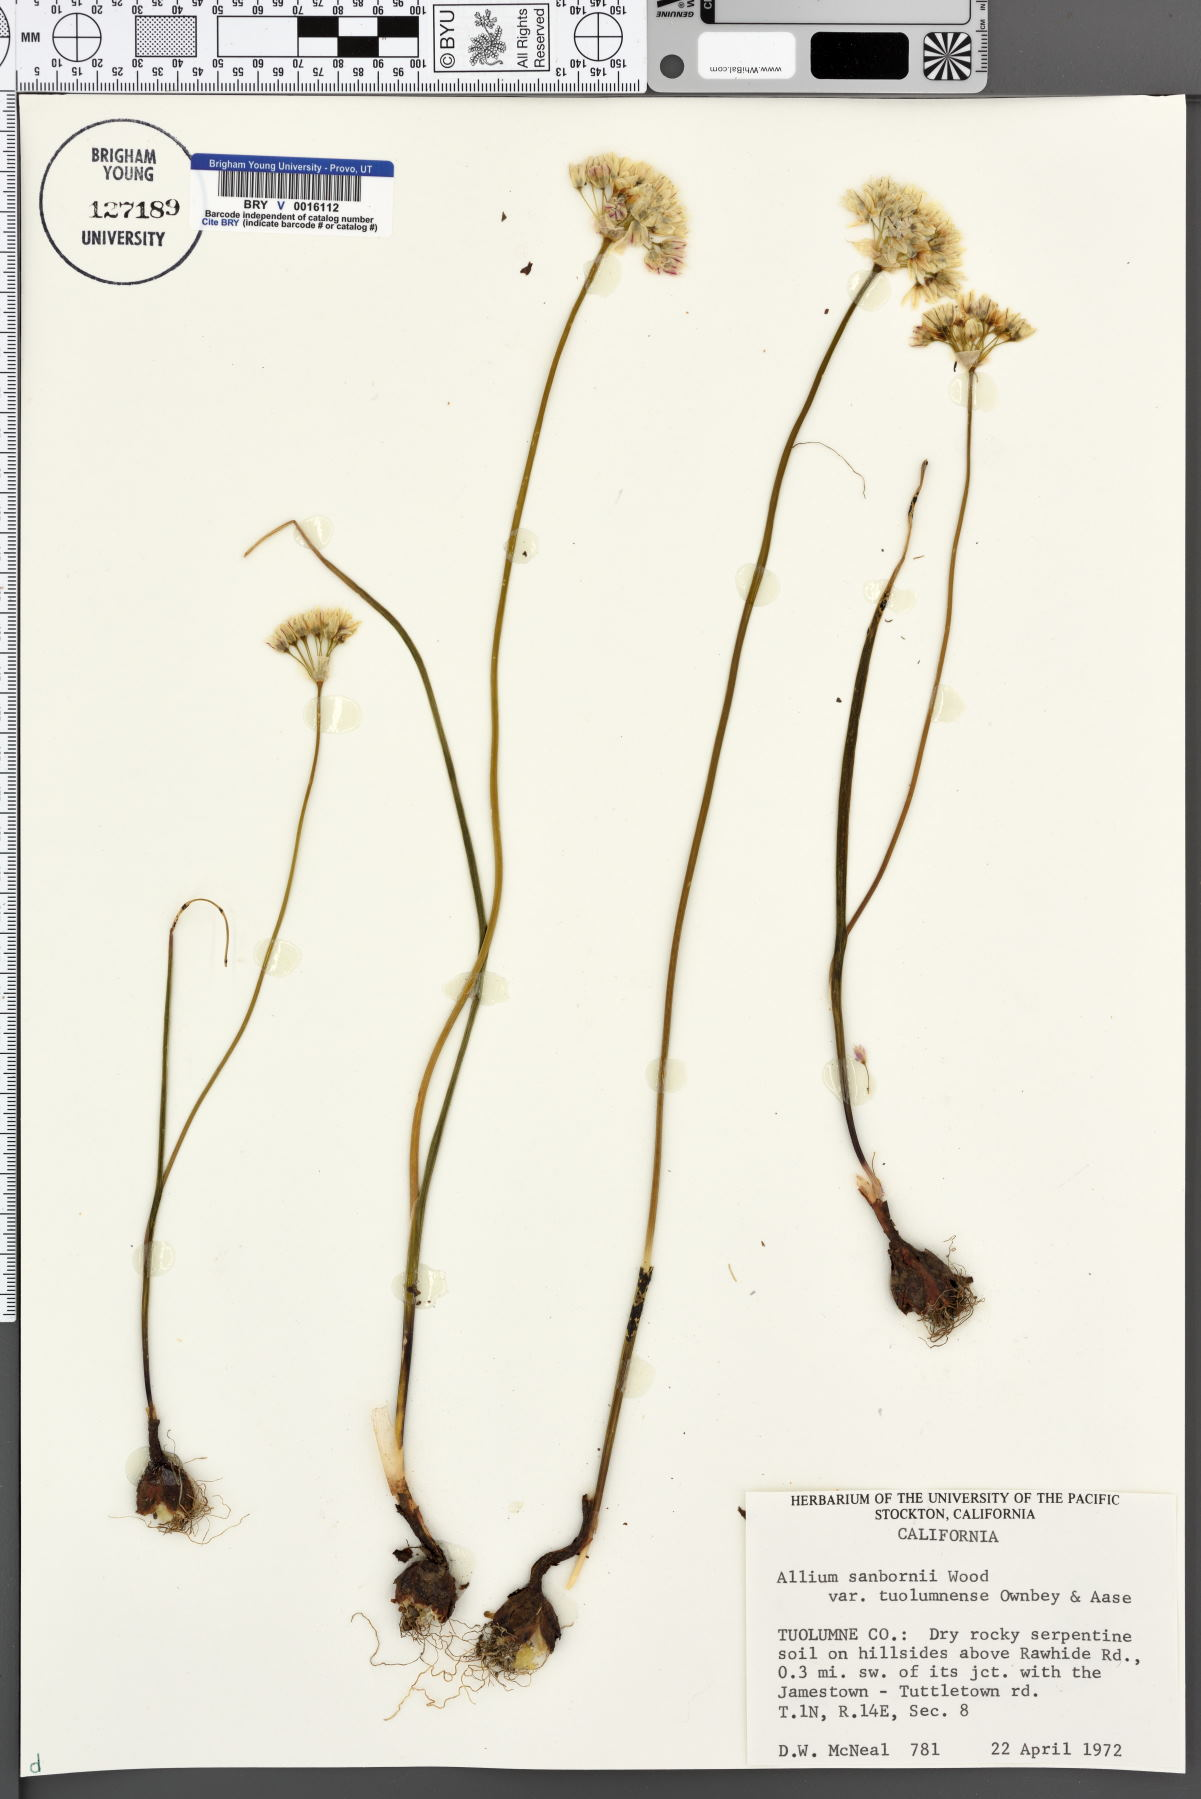 Allium sanbornii var. tuolumnense image